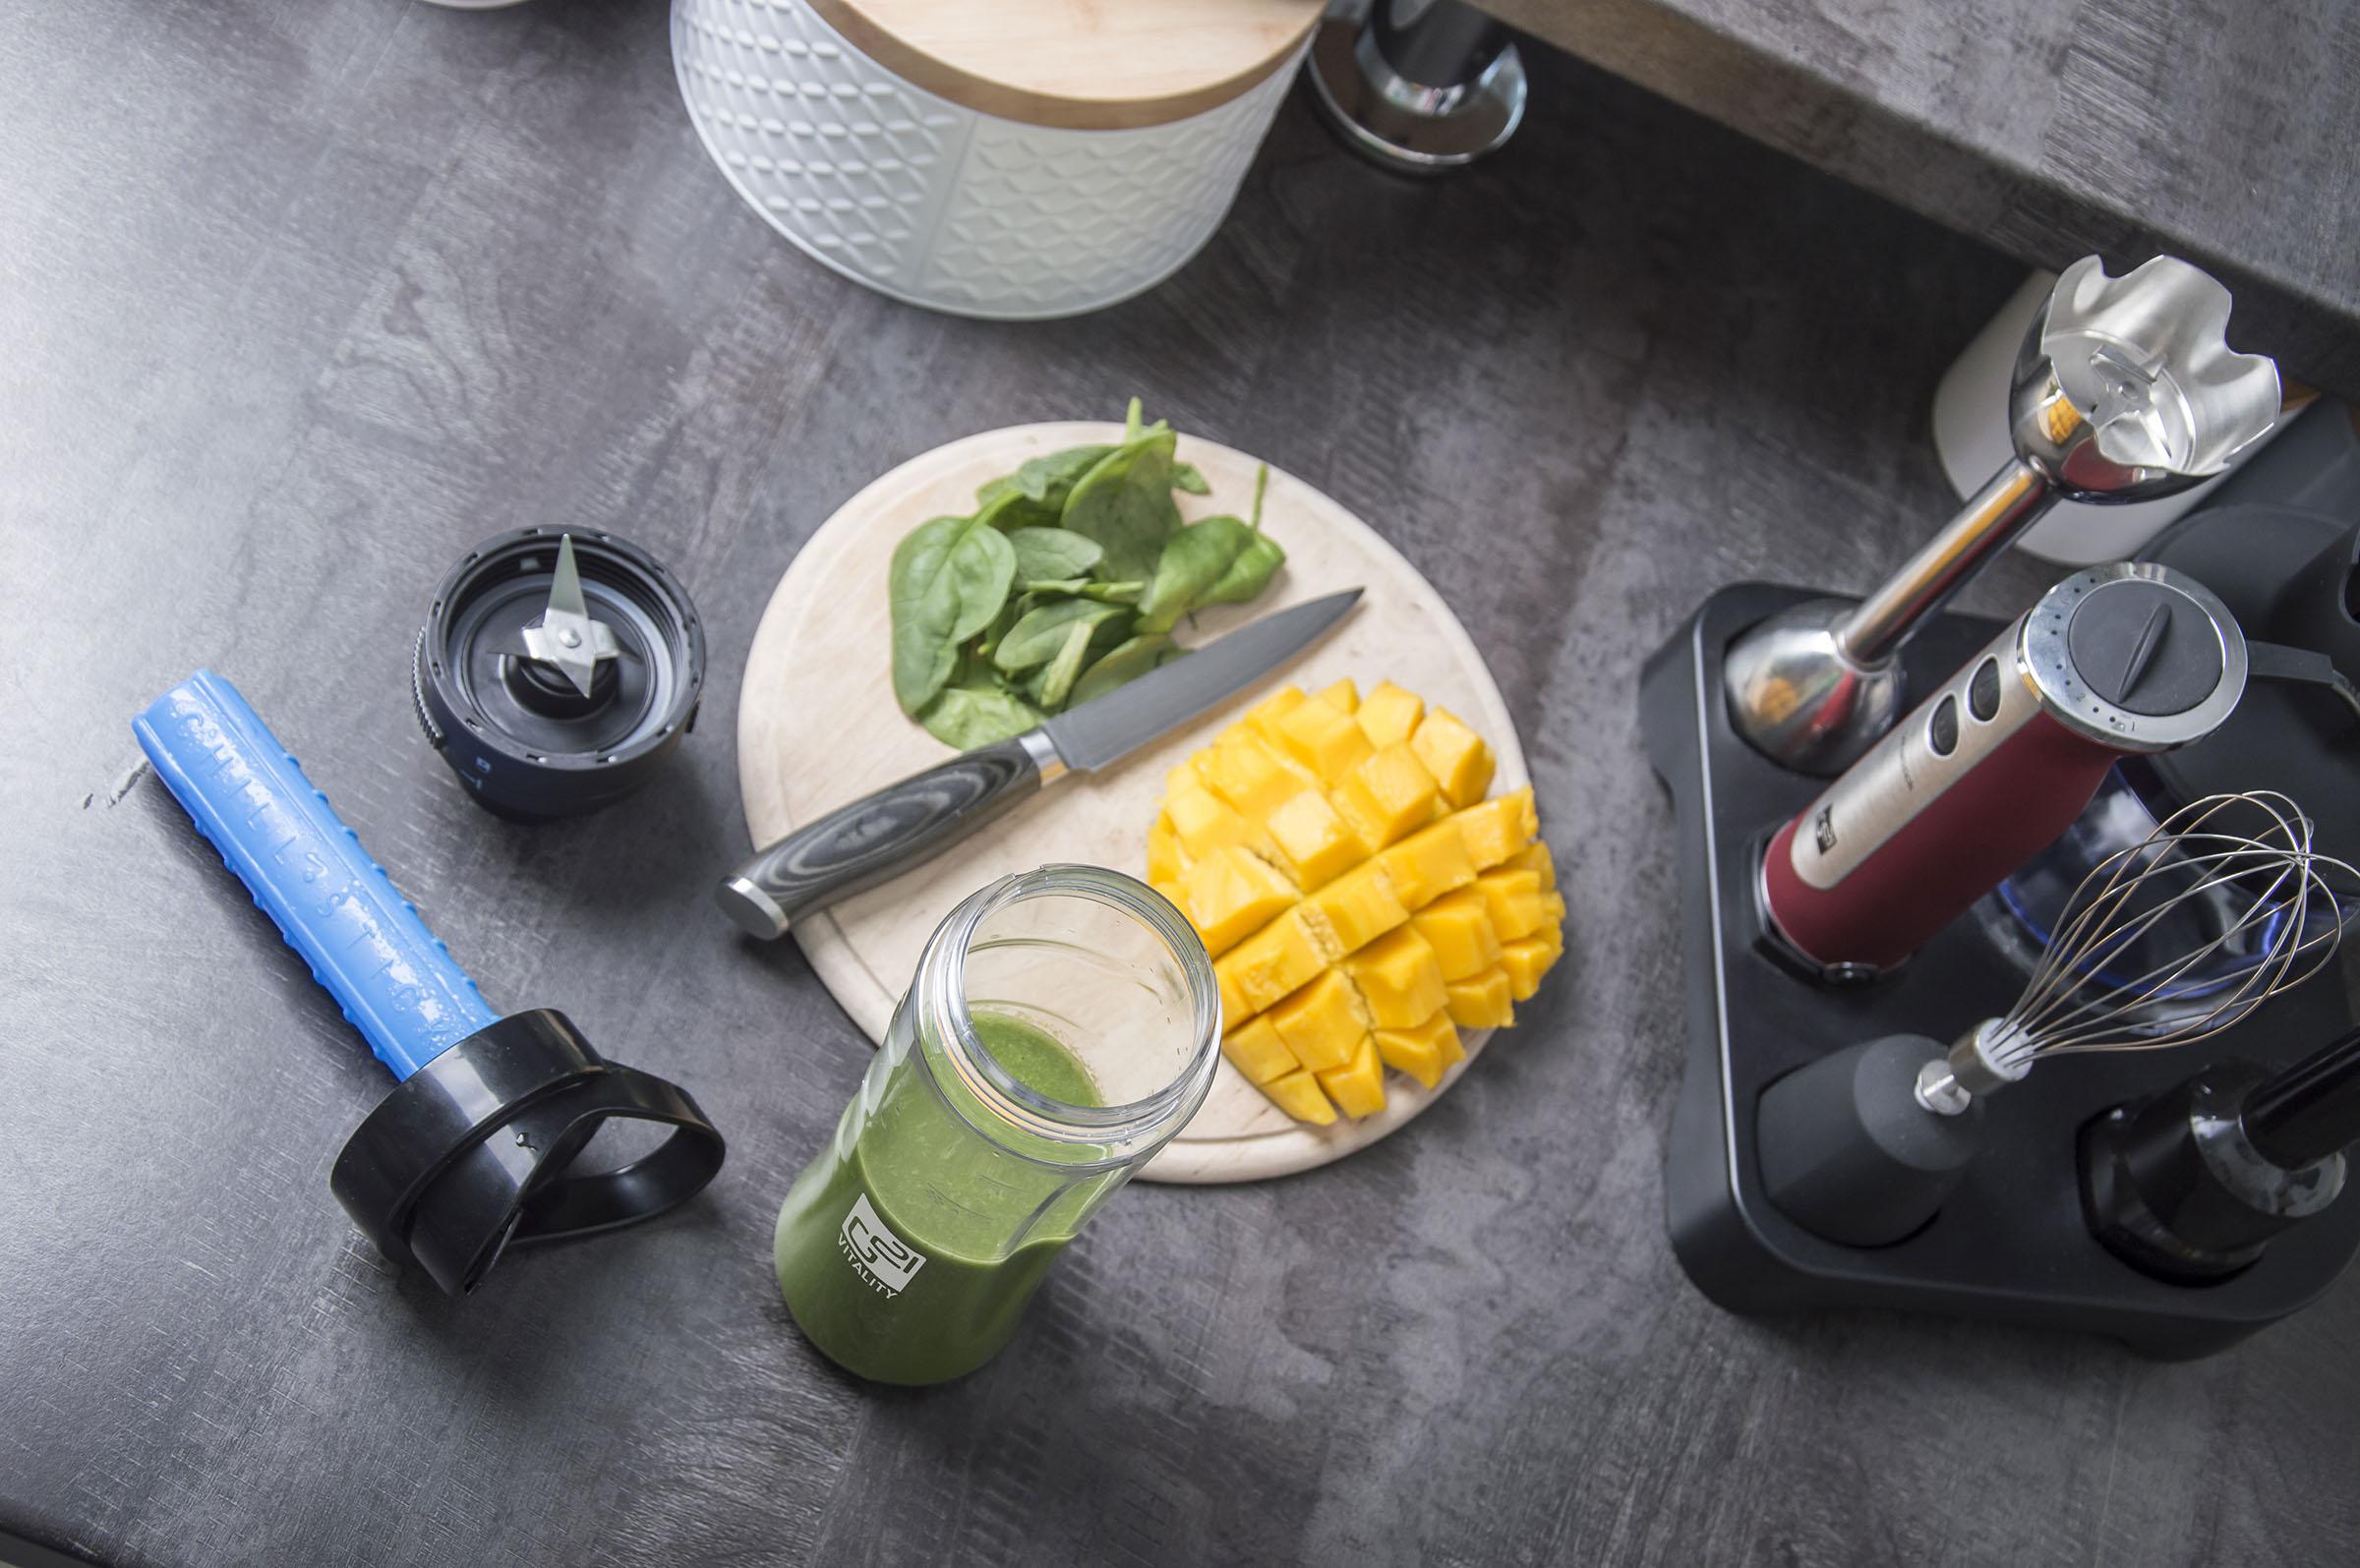 Smoothie maker na kuchyňské lince s namixovaným smoothie drinkem a připravenými surovinami